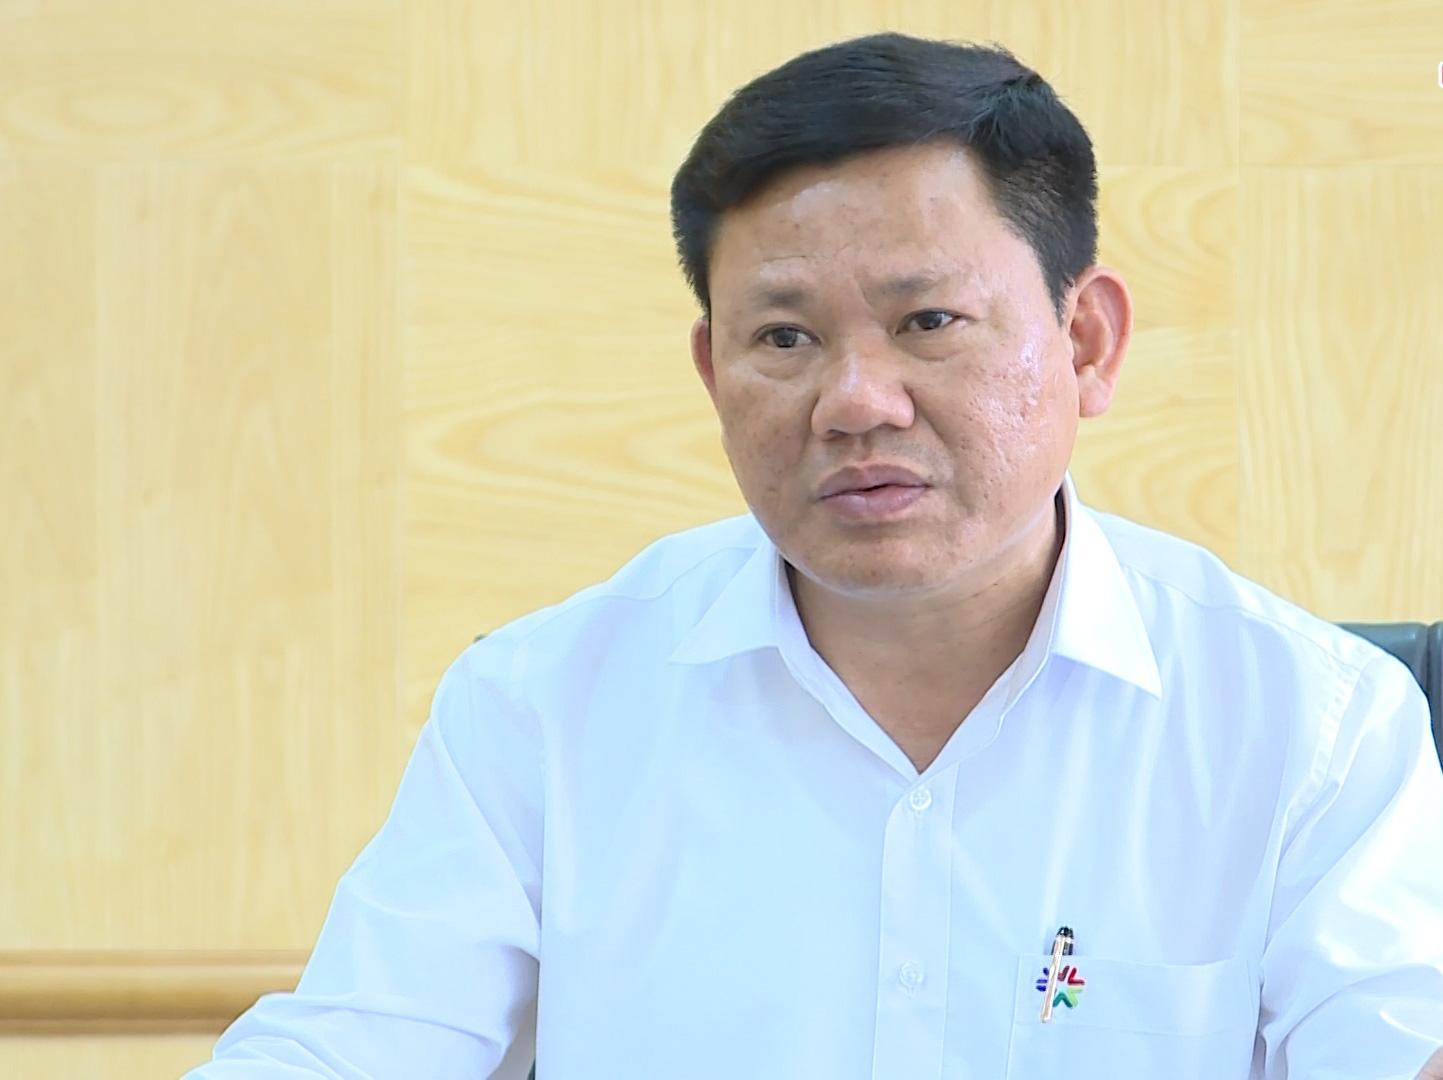 Phê chuẩn Phó Chủ tịch tỉnh Thanh Hóa 48 tuổi - Ảnh 1.